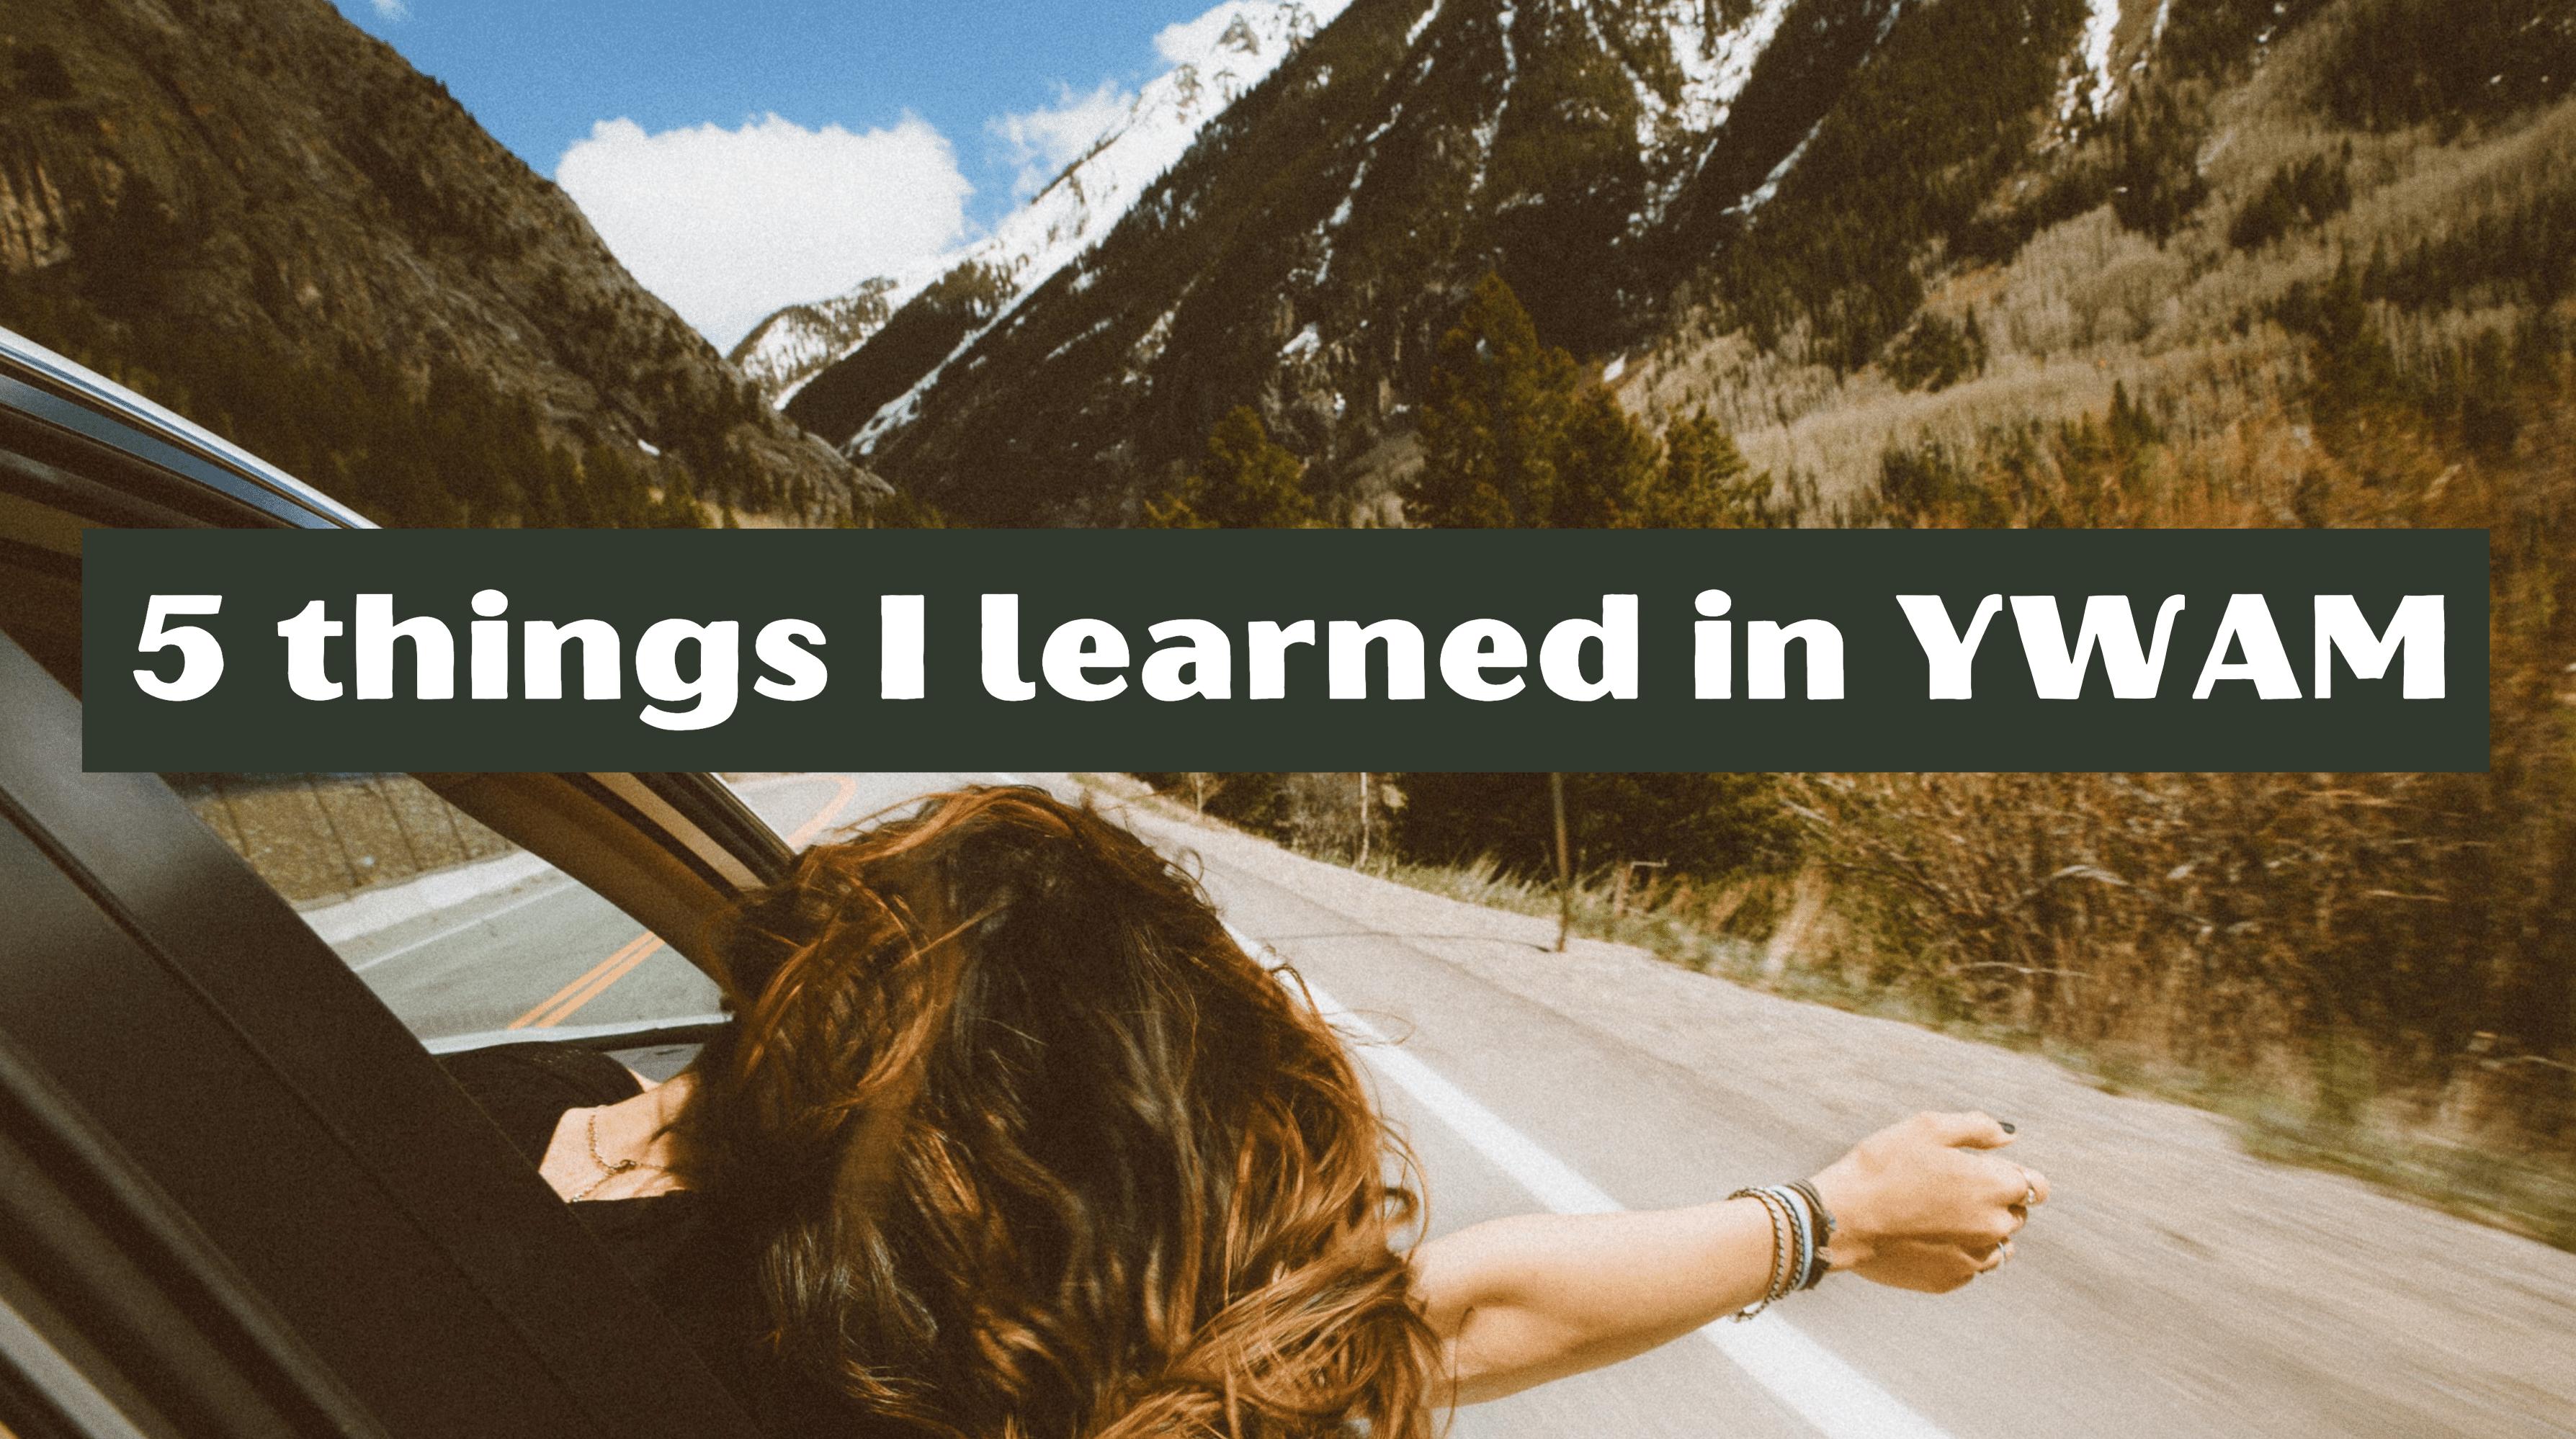 5 things I learned in YWAM